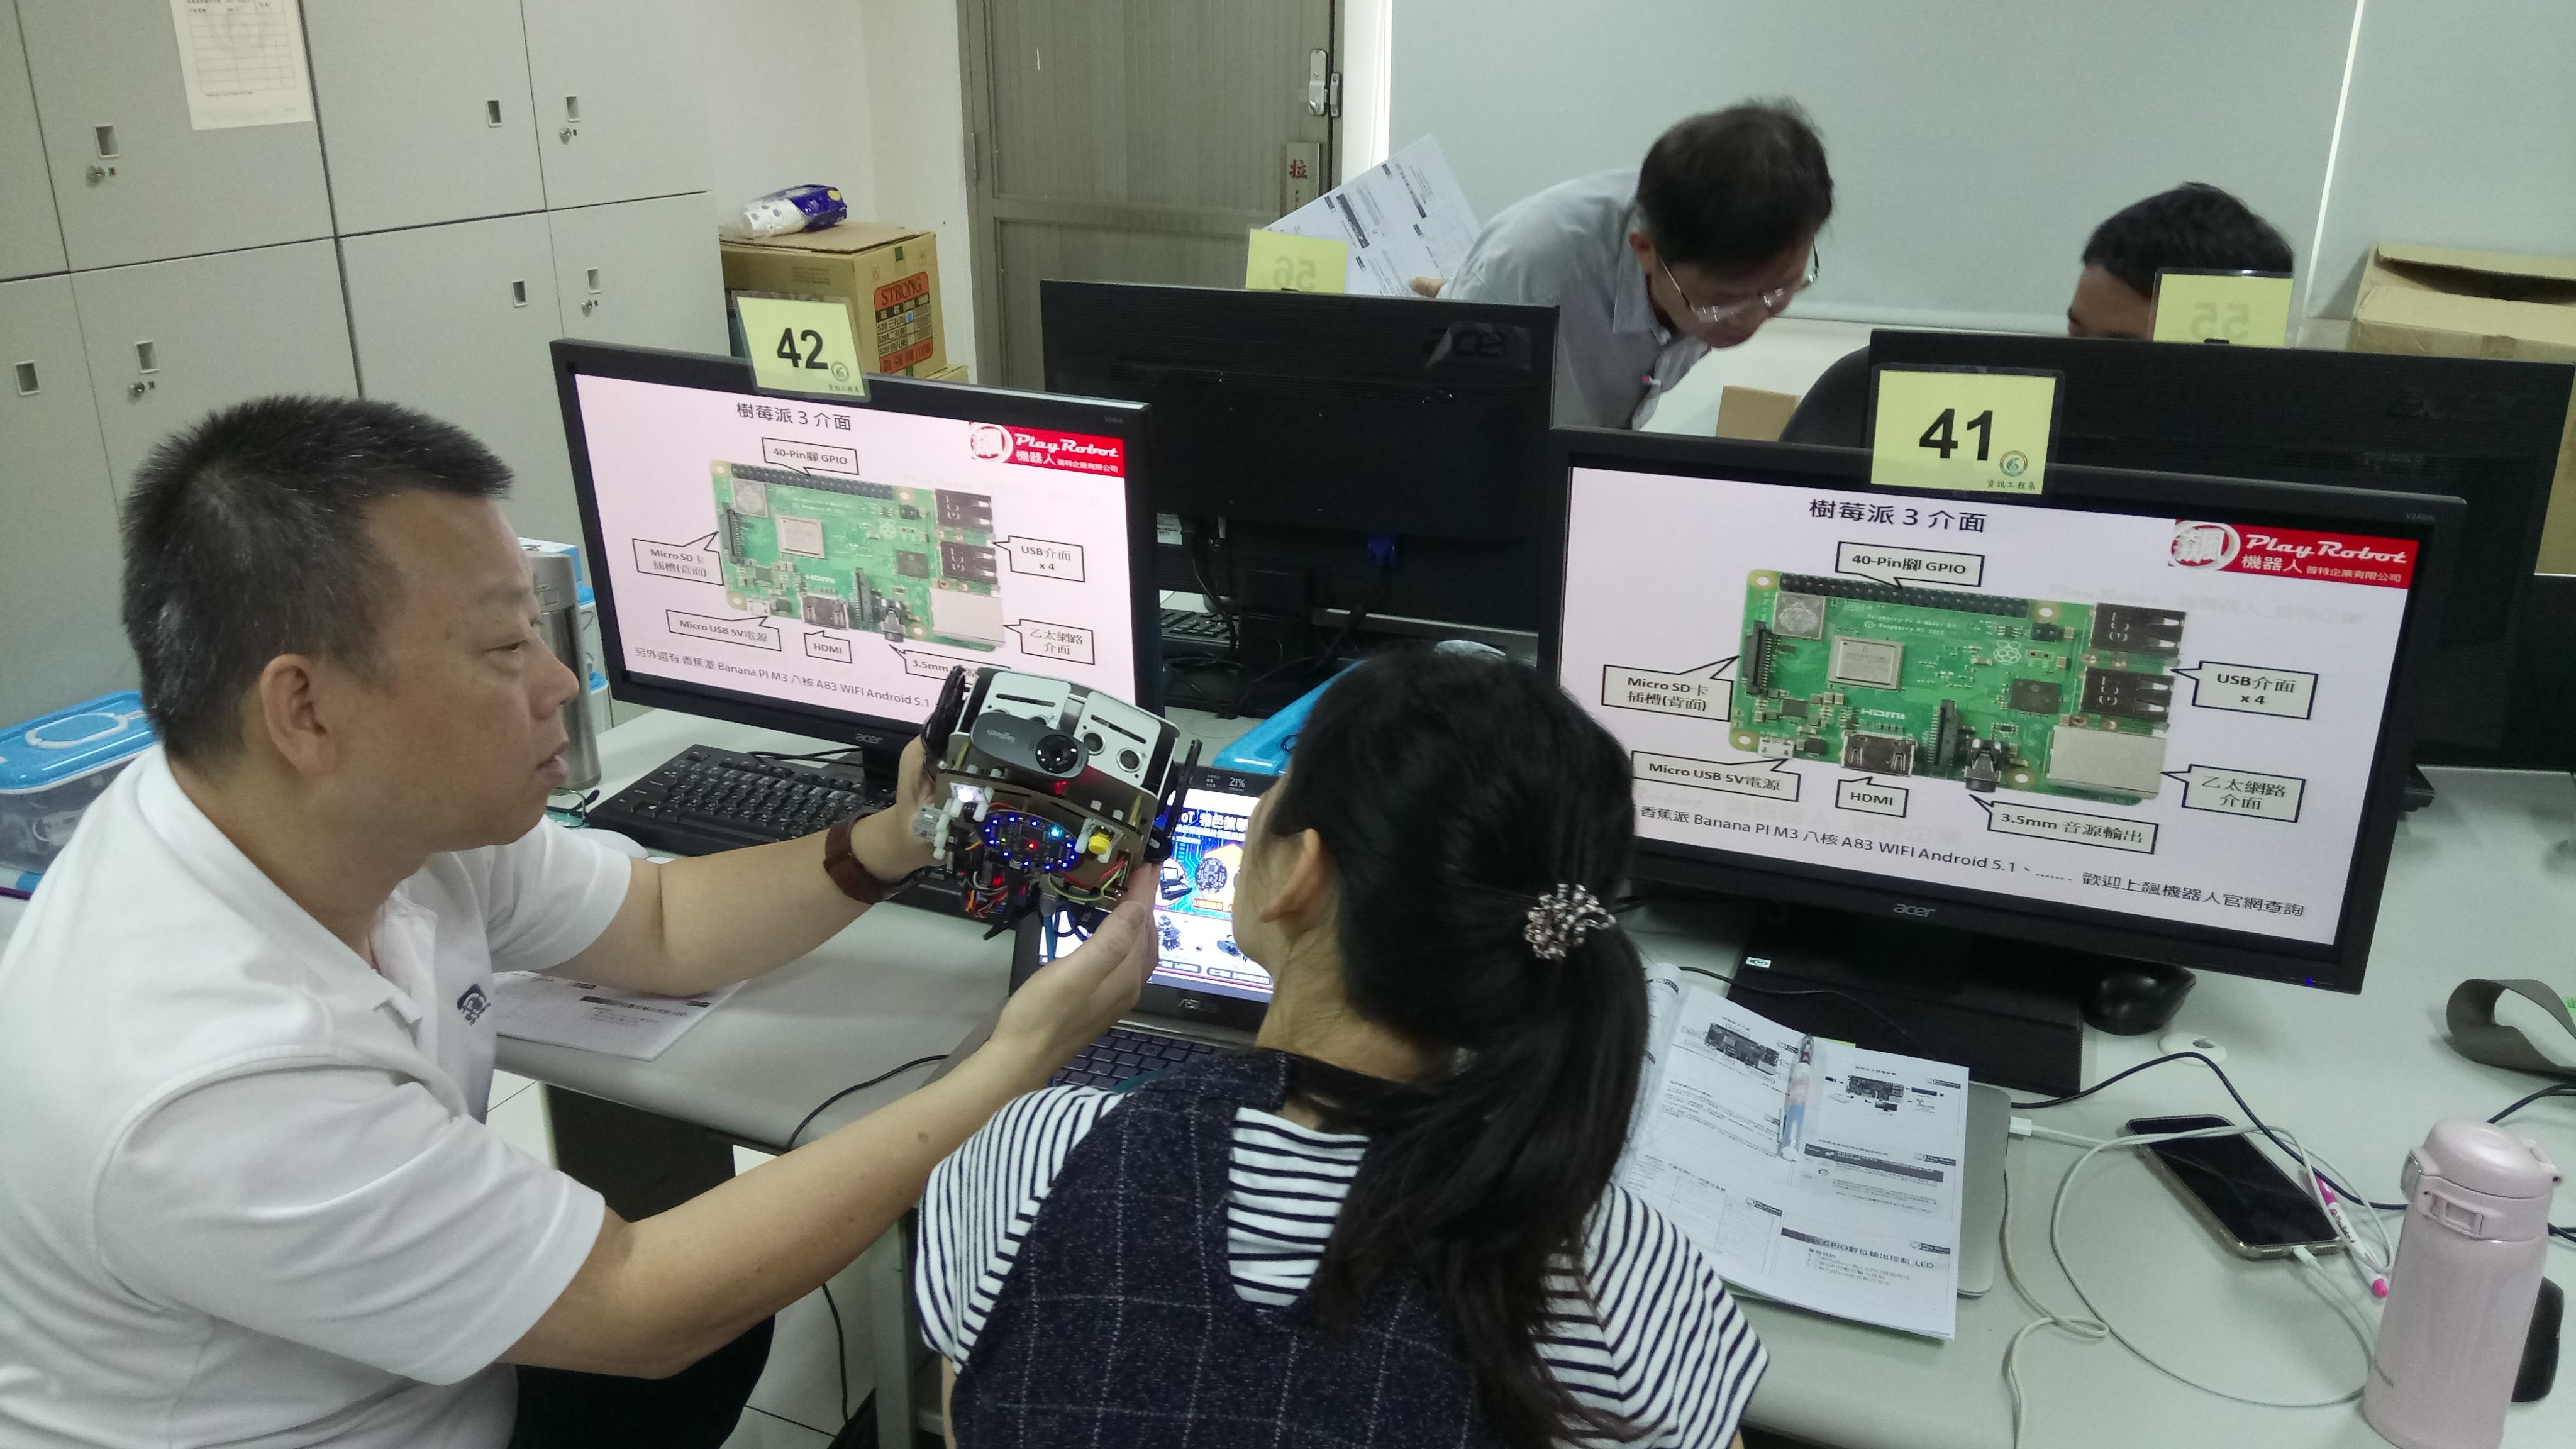 2018-08-16 10.45.07_仔細端詳智慧型機器人